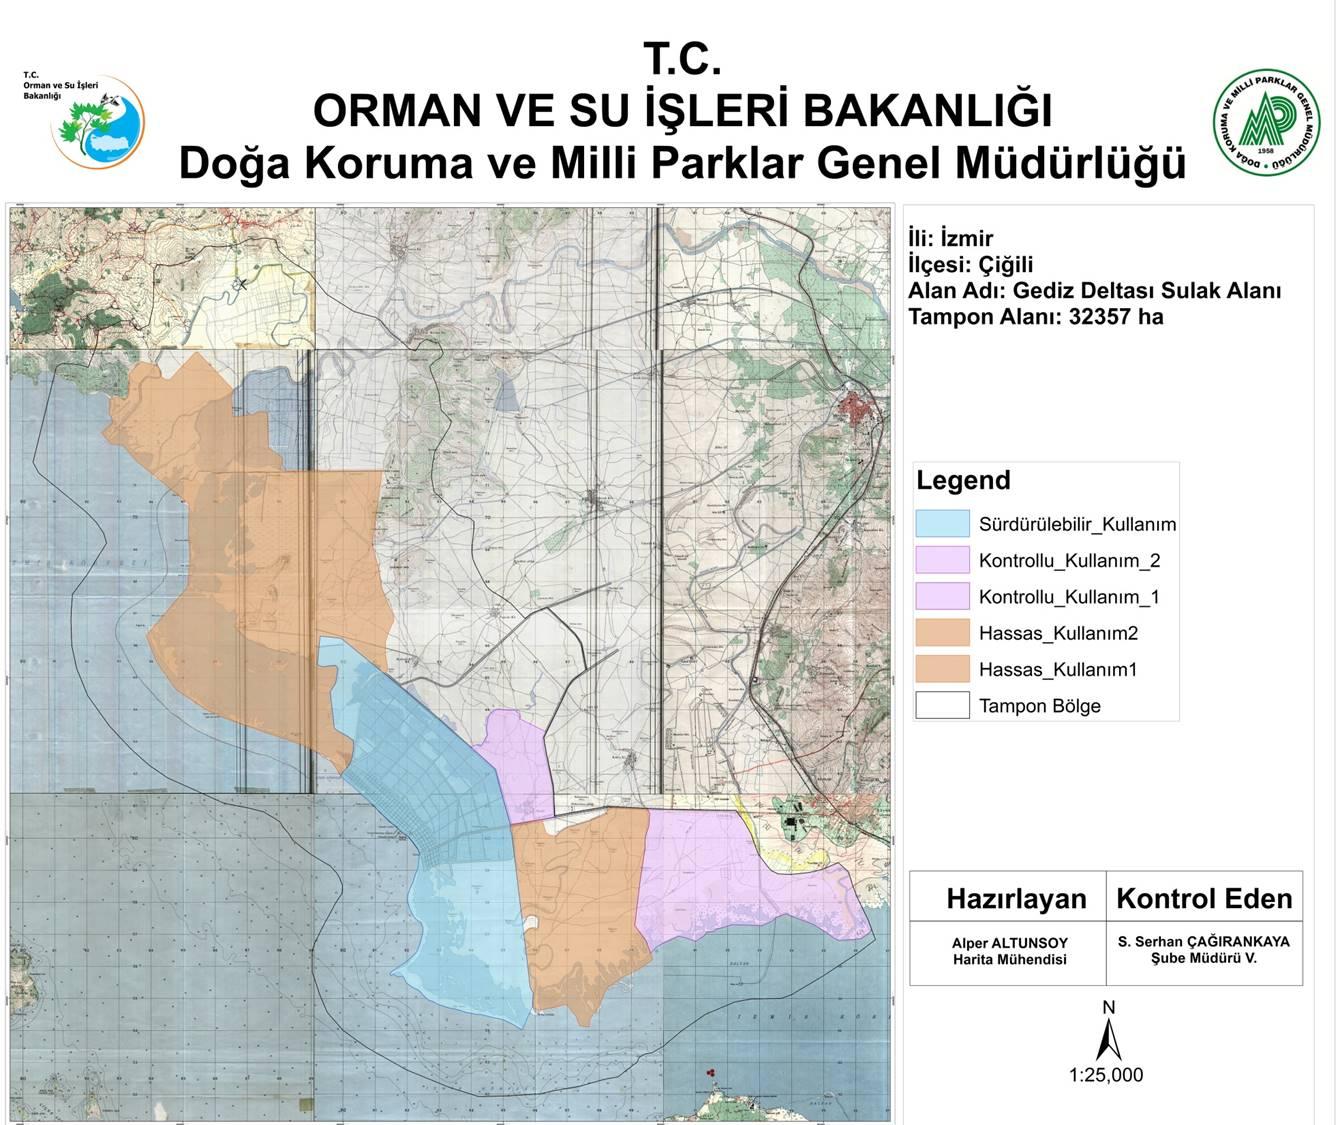 Gediz Deltası Sulak Alan Koruma Bölgesi Haritası 2017 005 (Küçük)